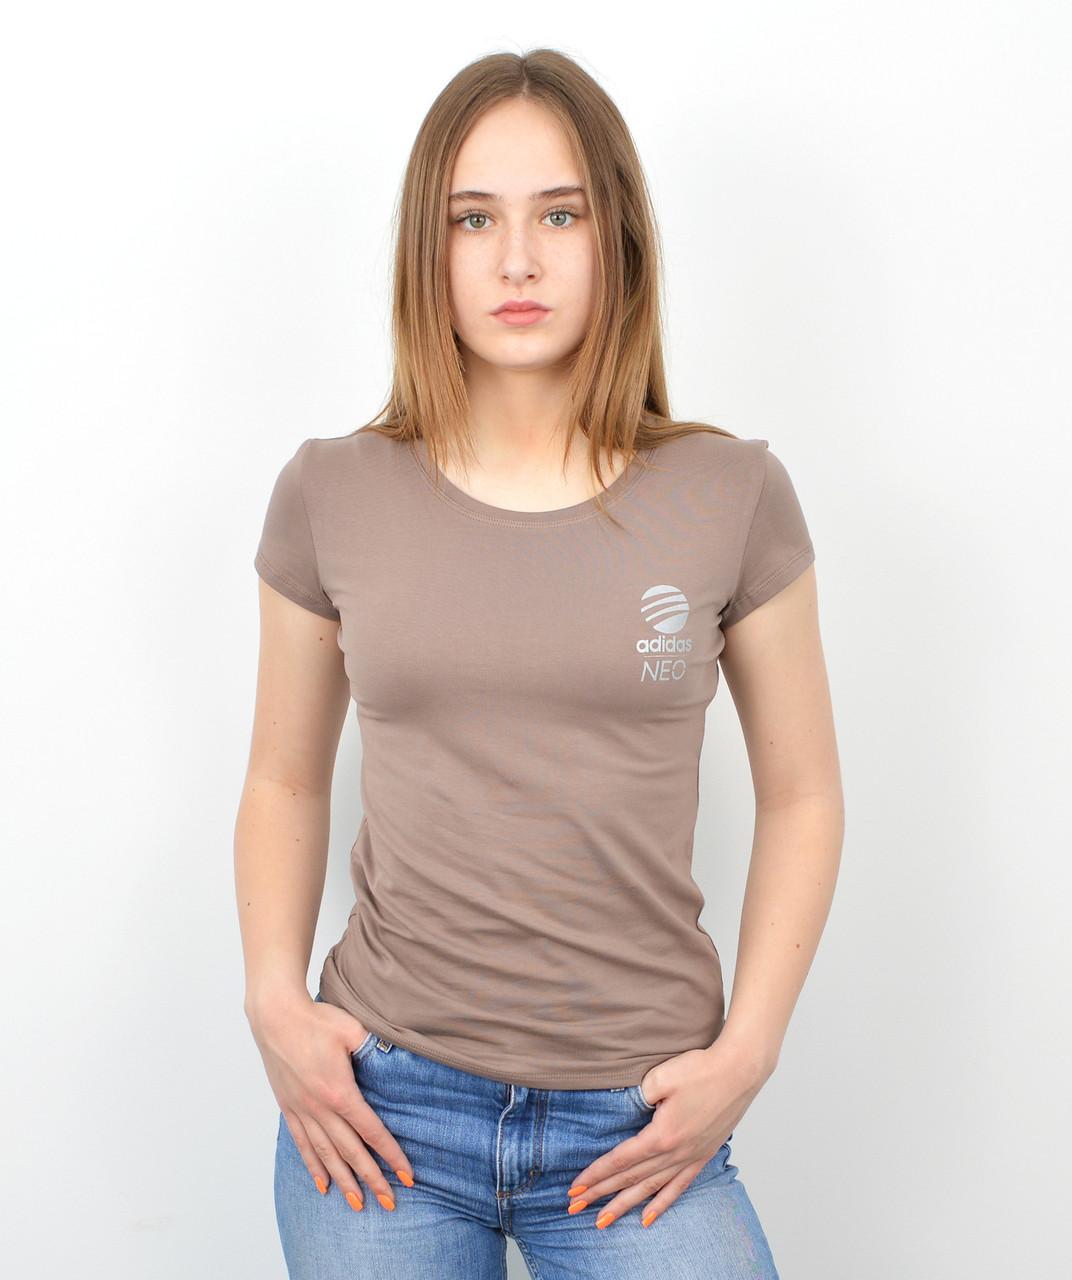 Женская футболка оптом спорт S0220 Капучино